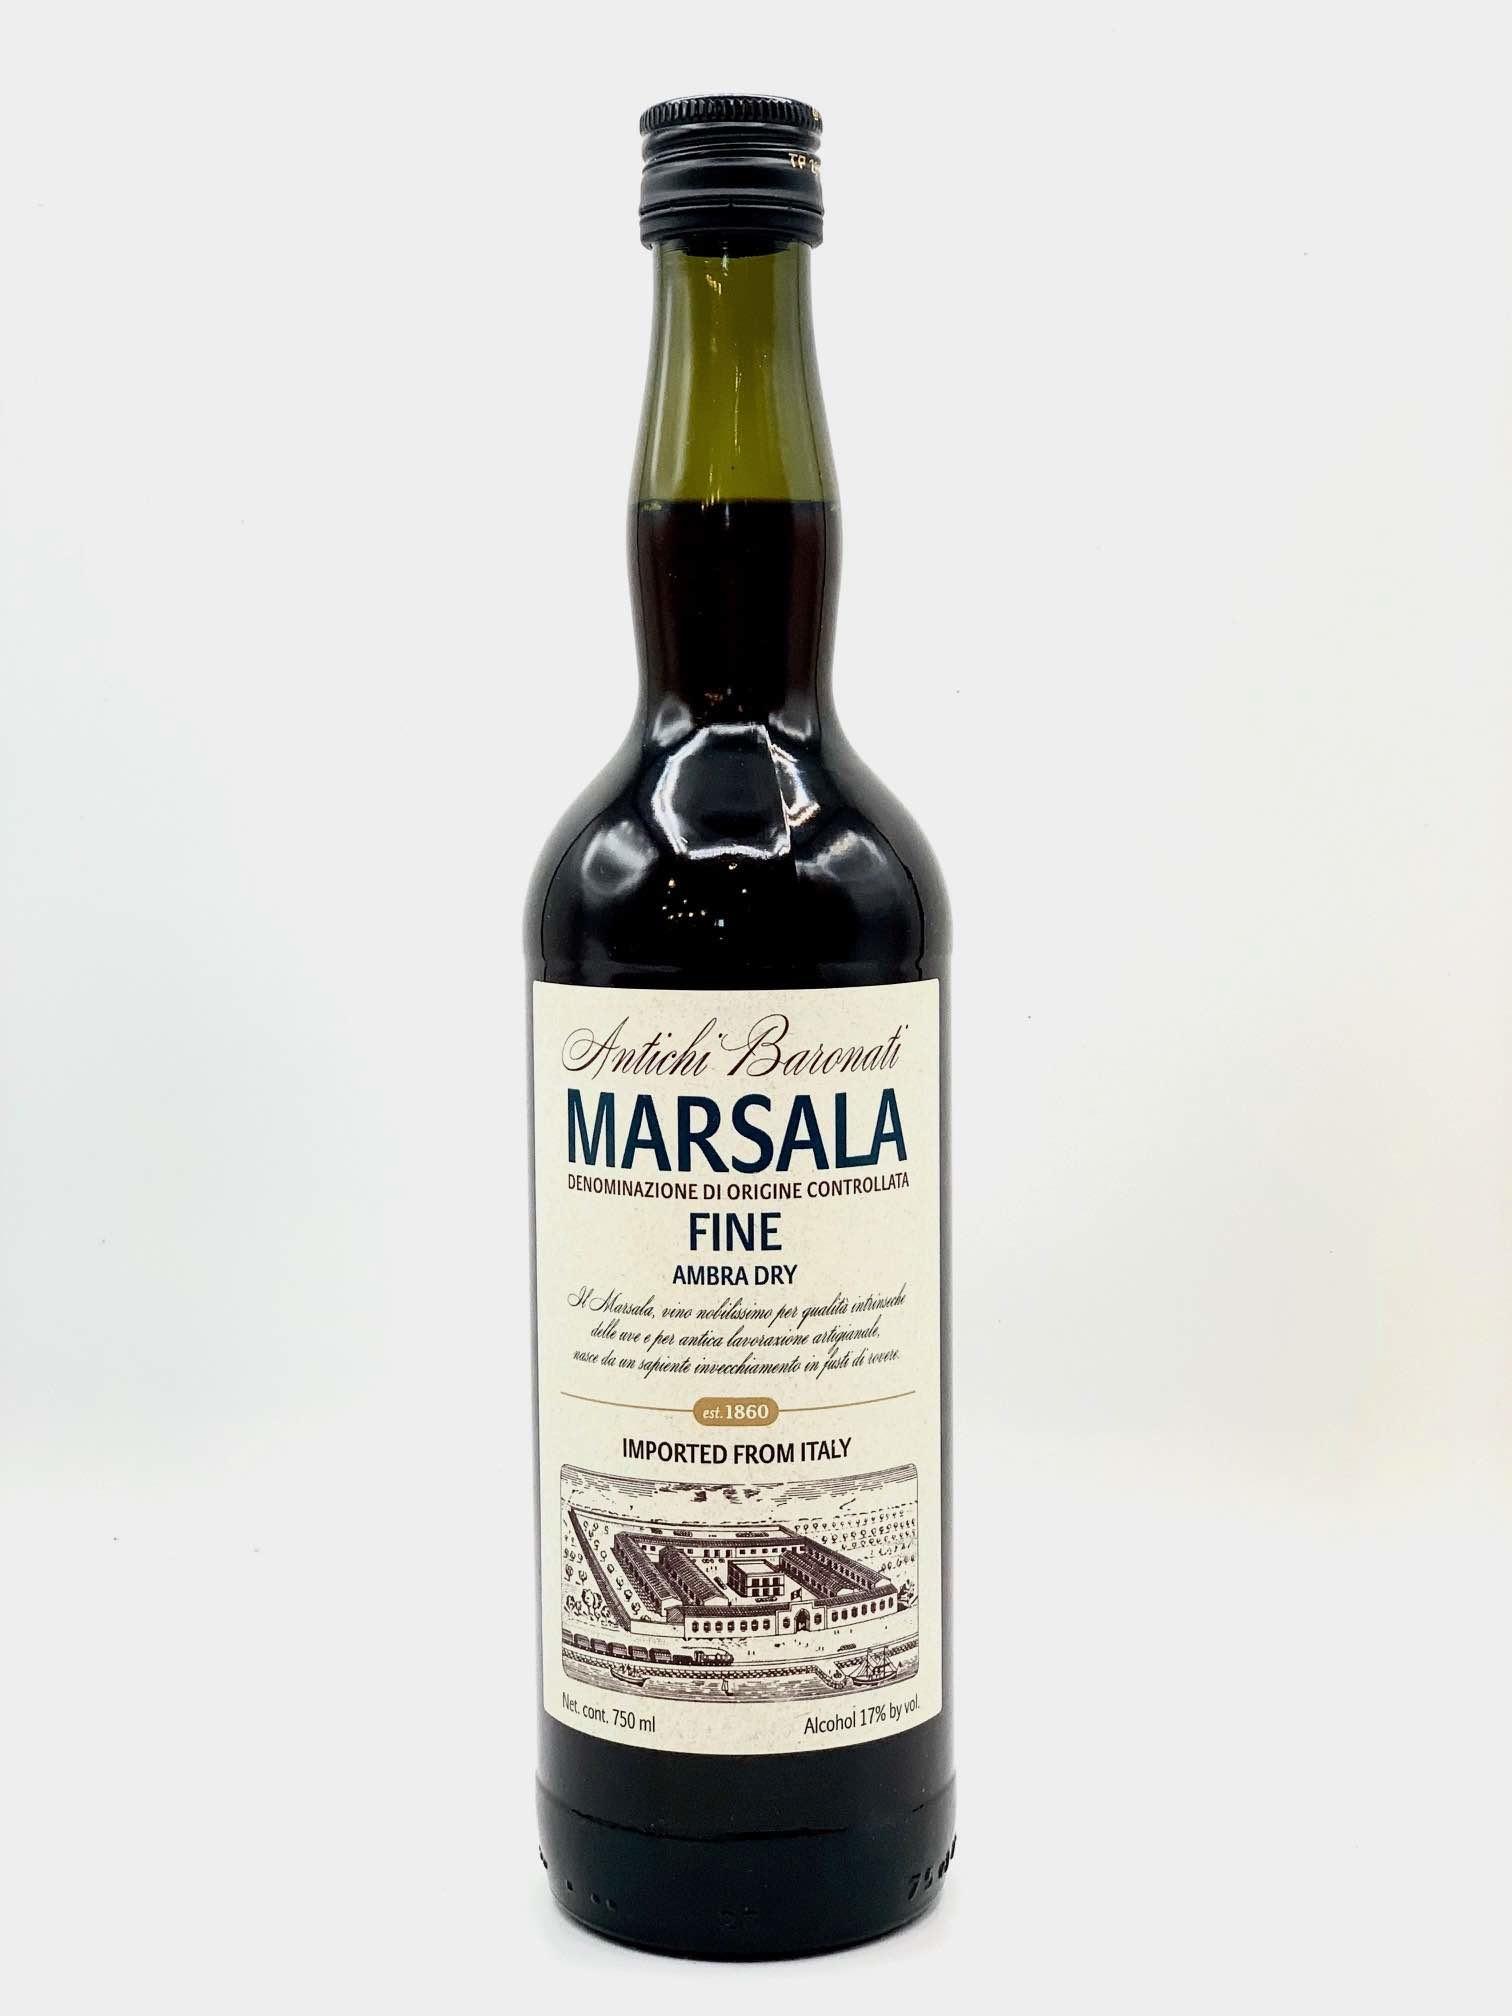 Marsala Ambra Dry Antichi Baronati 750ml